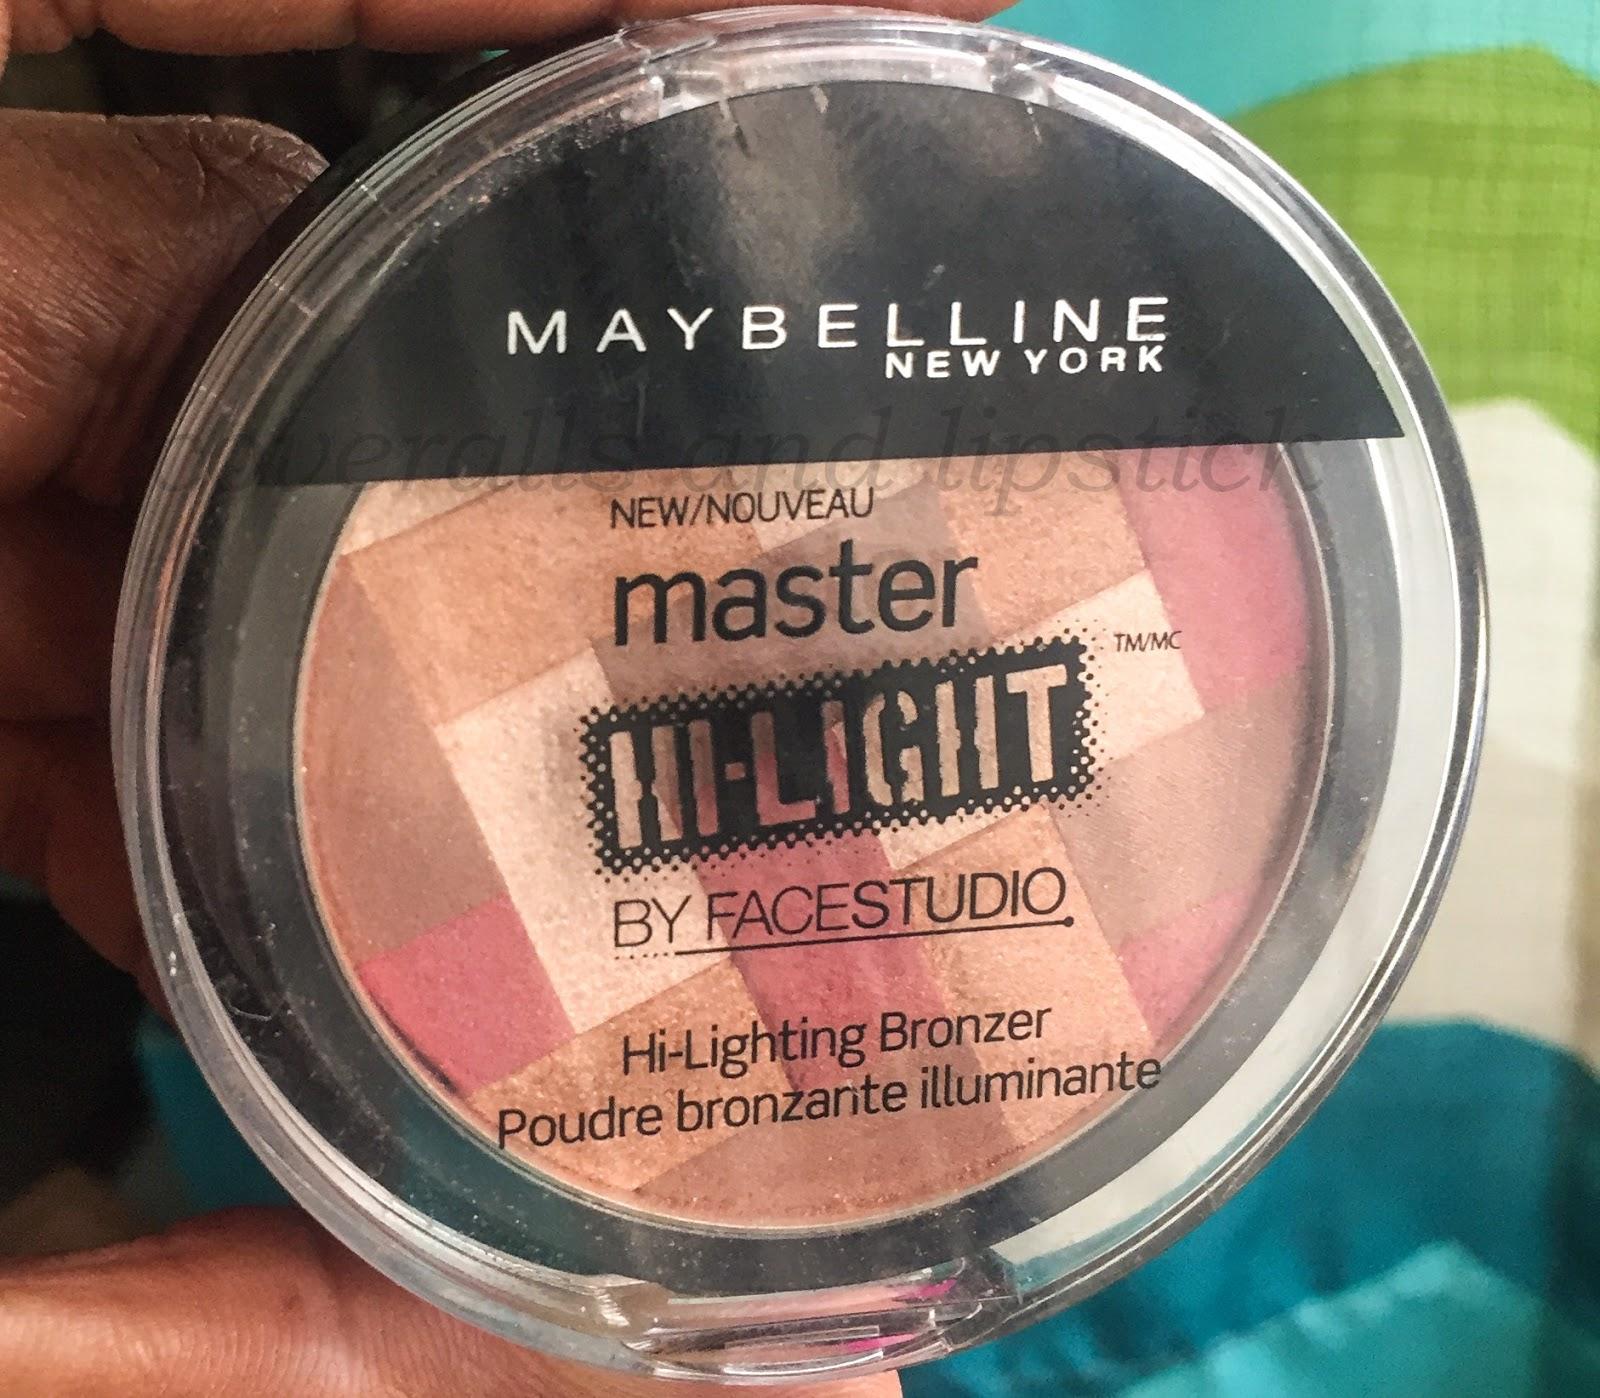 Maybelline Master Hi Lighting Bronzer In Deep Bronze